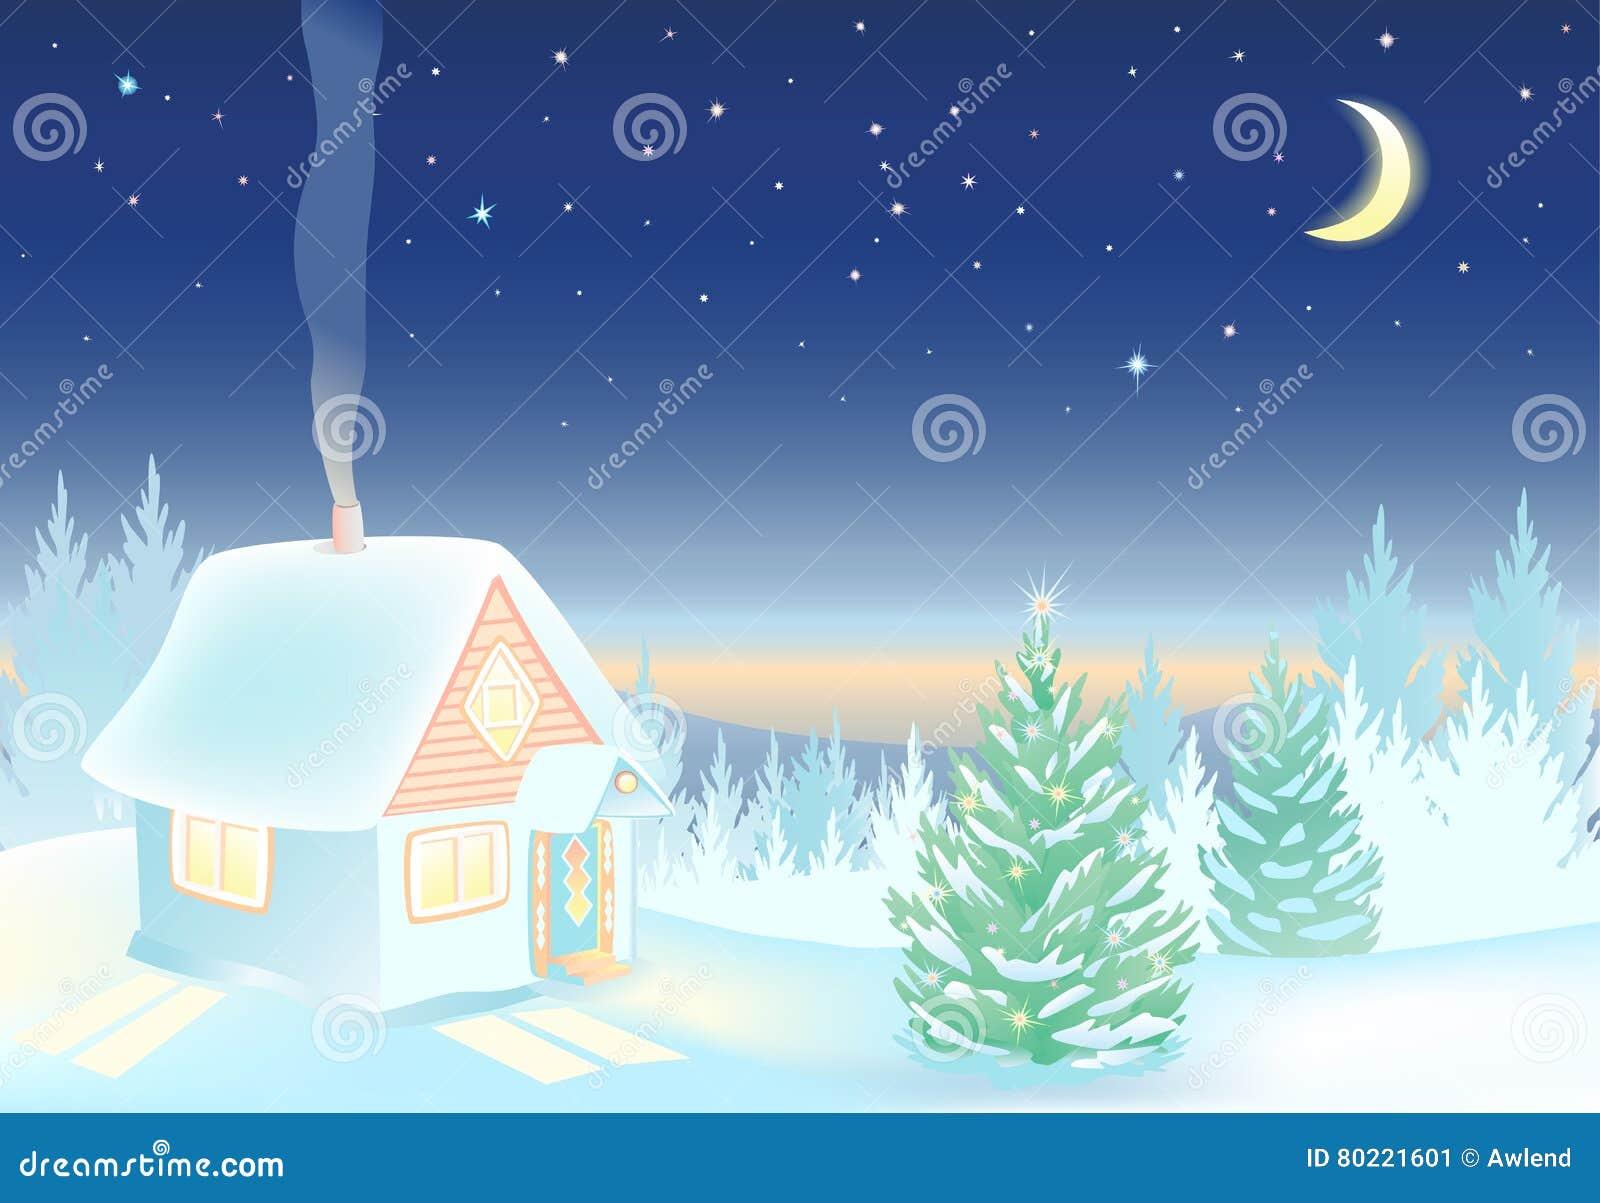 夜与房子和森林的冬天风景